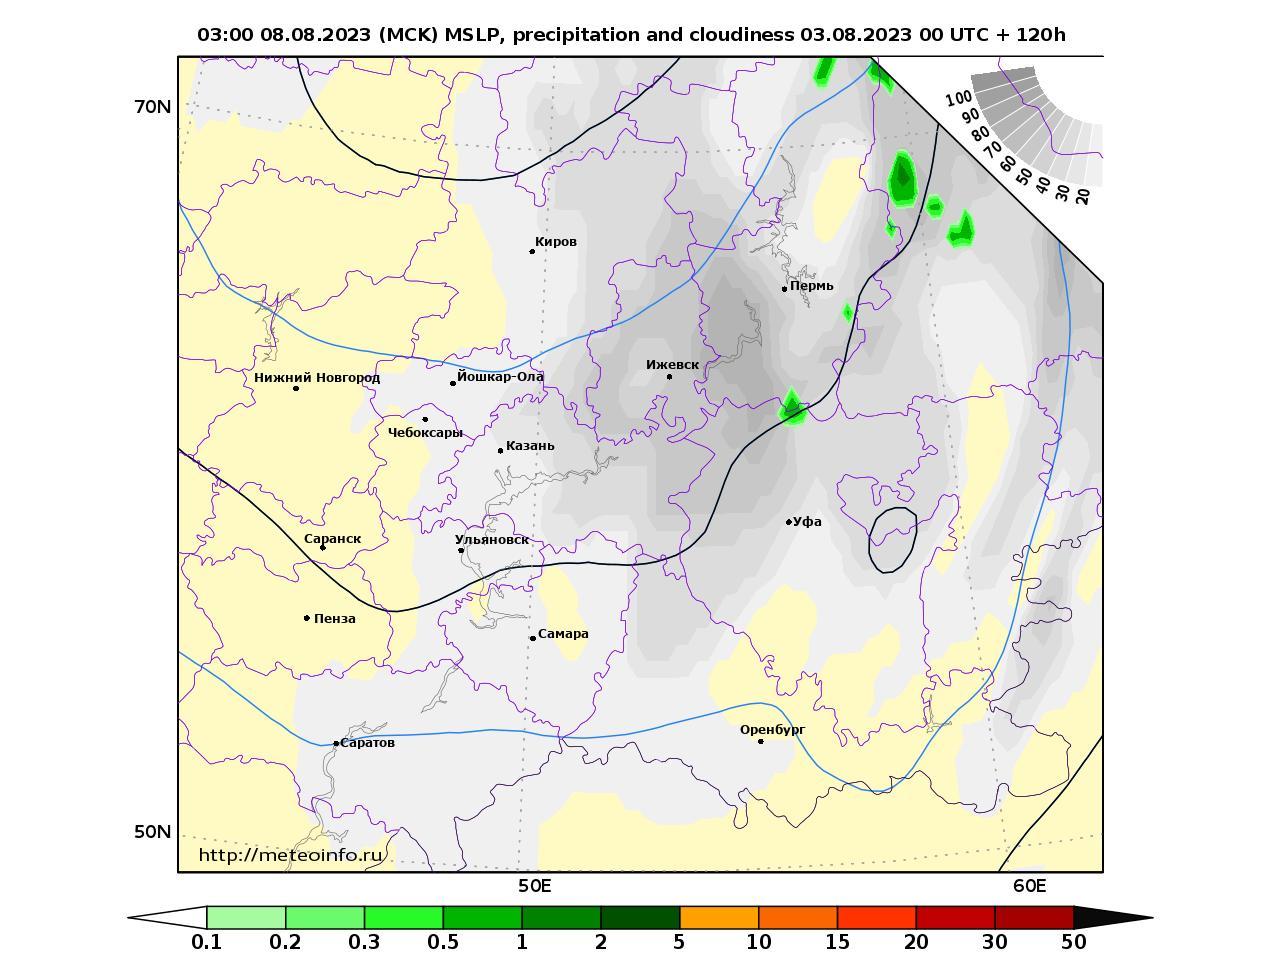 Приволжский Федеральный округ, прогностическая карта осадки и давление, заблаговременность прогноза 120 часов